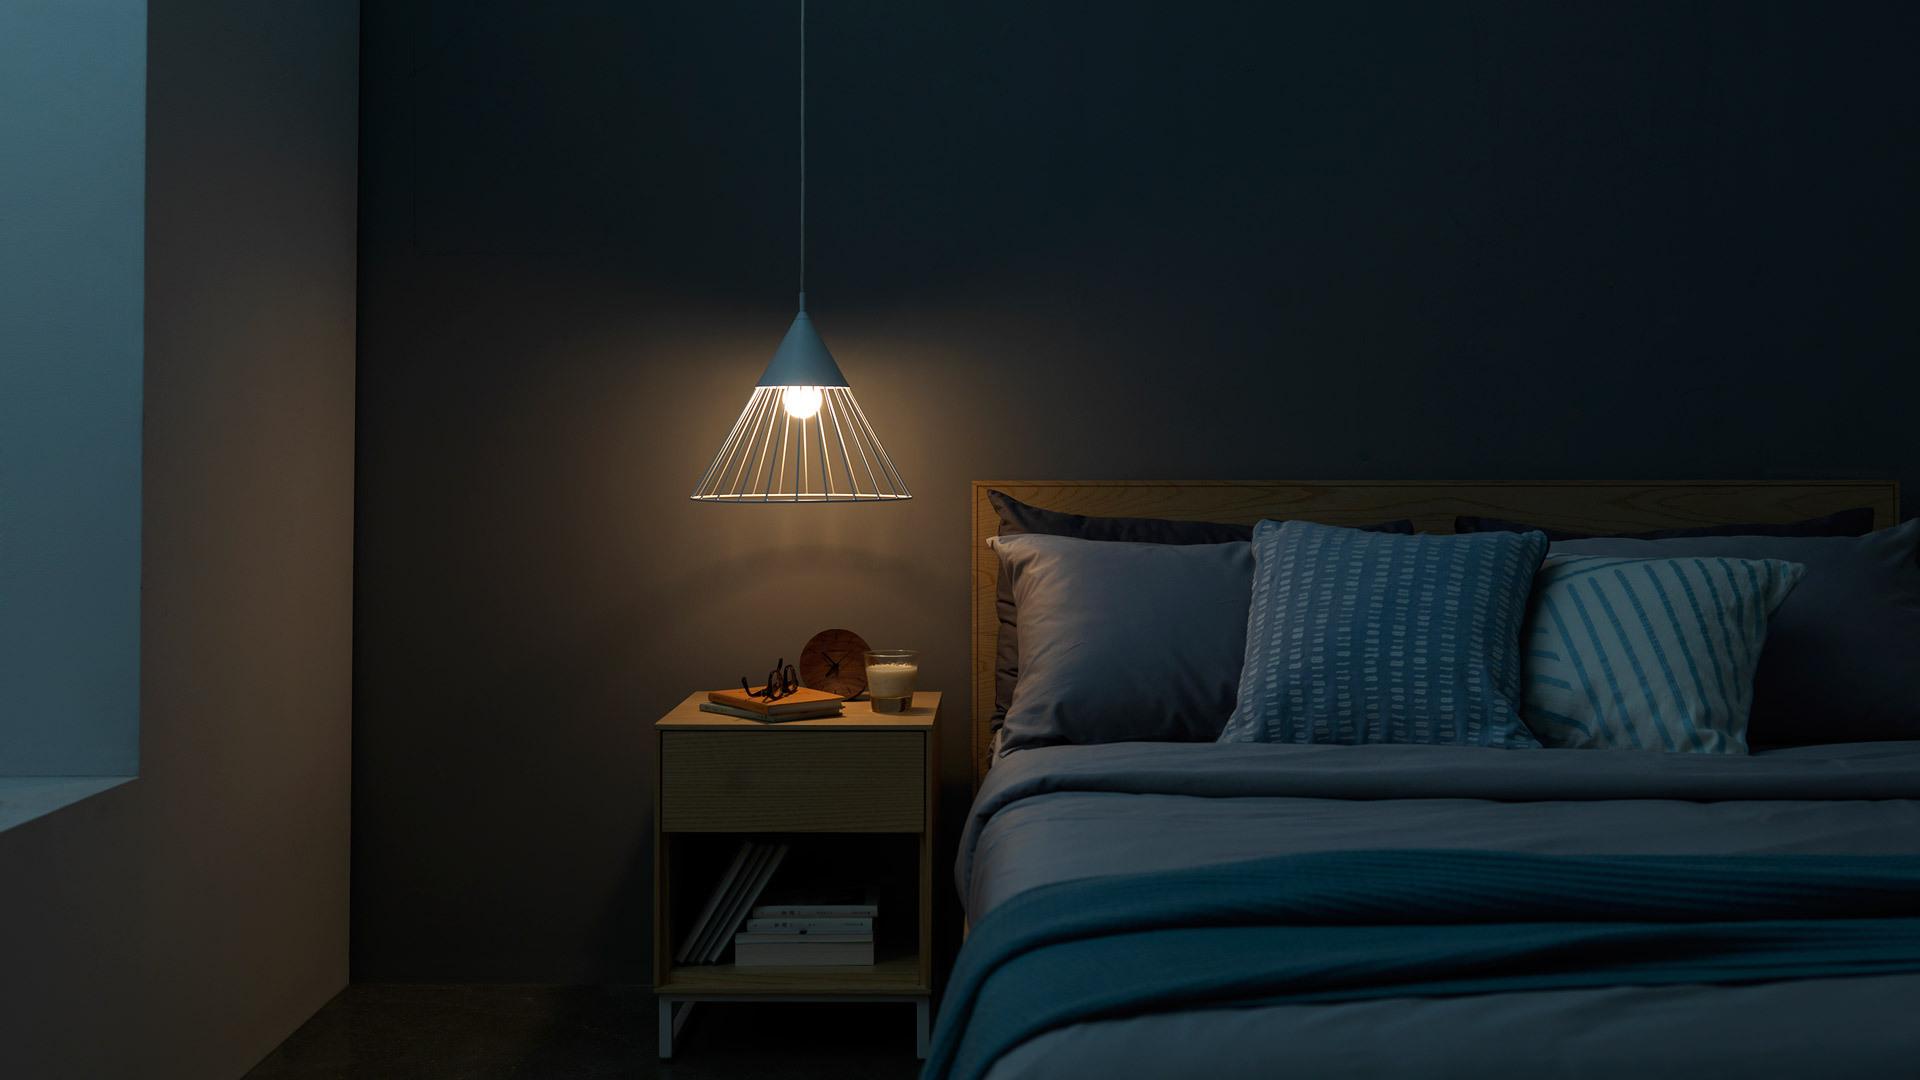 米白狐步灯于床头低垂,点破卧室水平结构线,给方正硬朗的画板套系添了一份灵动。小吊灯的光晕在静默中回旋,一杯牛奶配好书,开启夜间独享的美好时光。